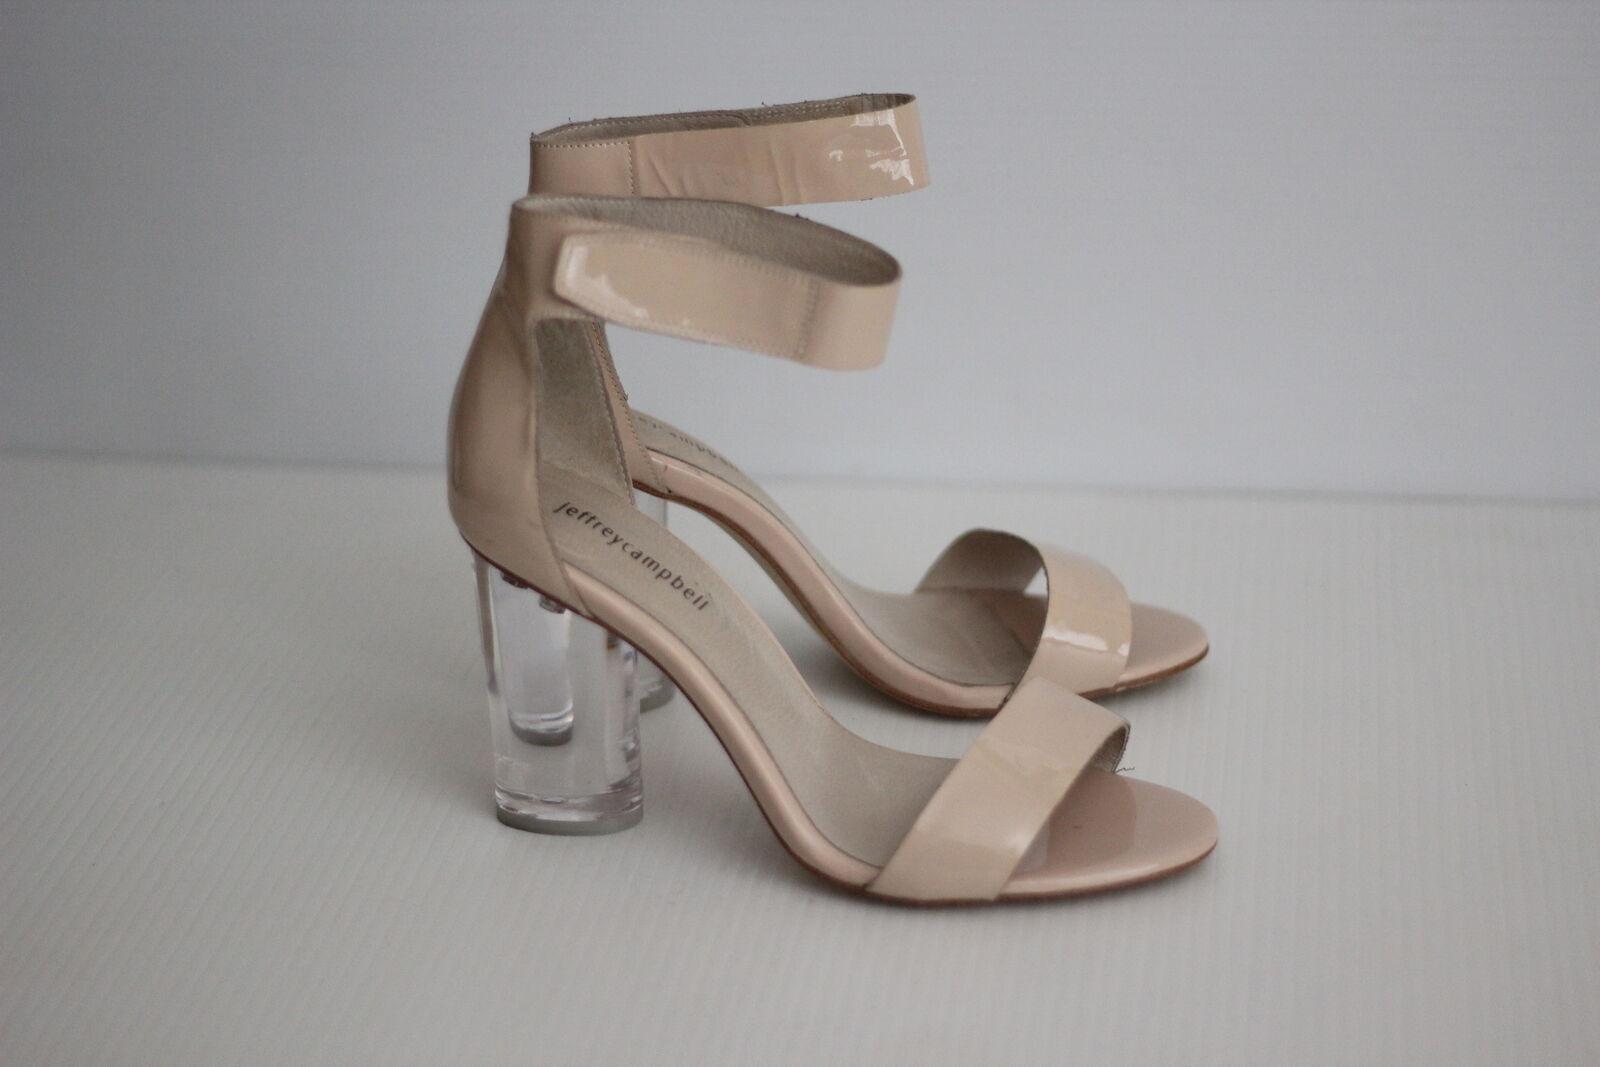 Ritorno di 10 giorni Jeffrey Campbell Alessa Clear Heel Sandal - - - Nude Patent Leather - 9 US  (Y25)  Sconto del 40%